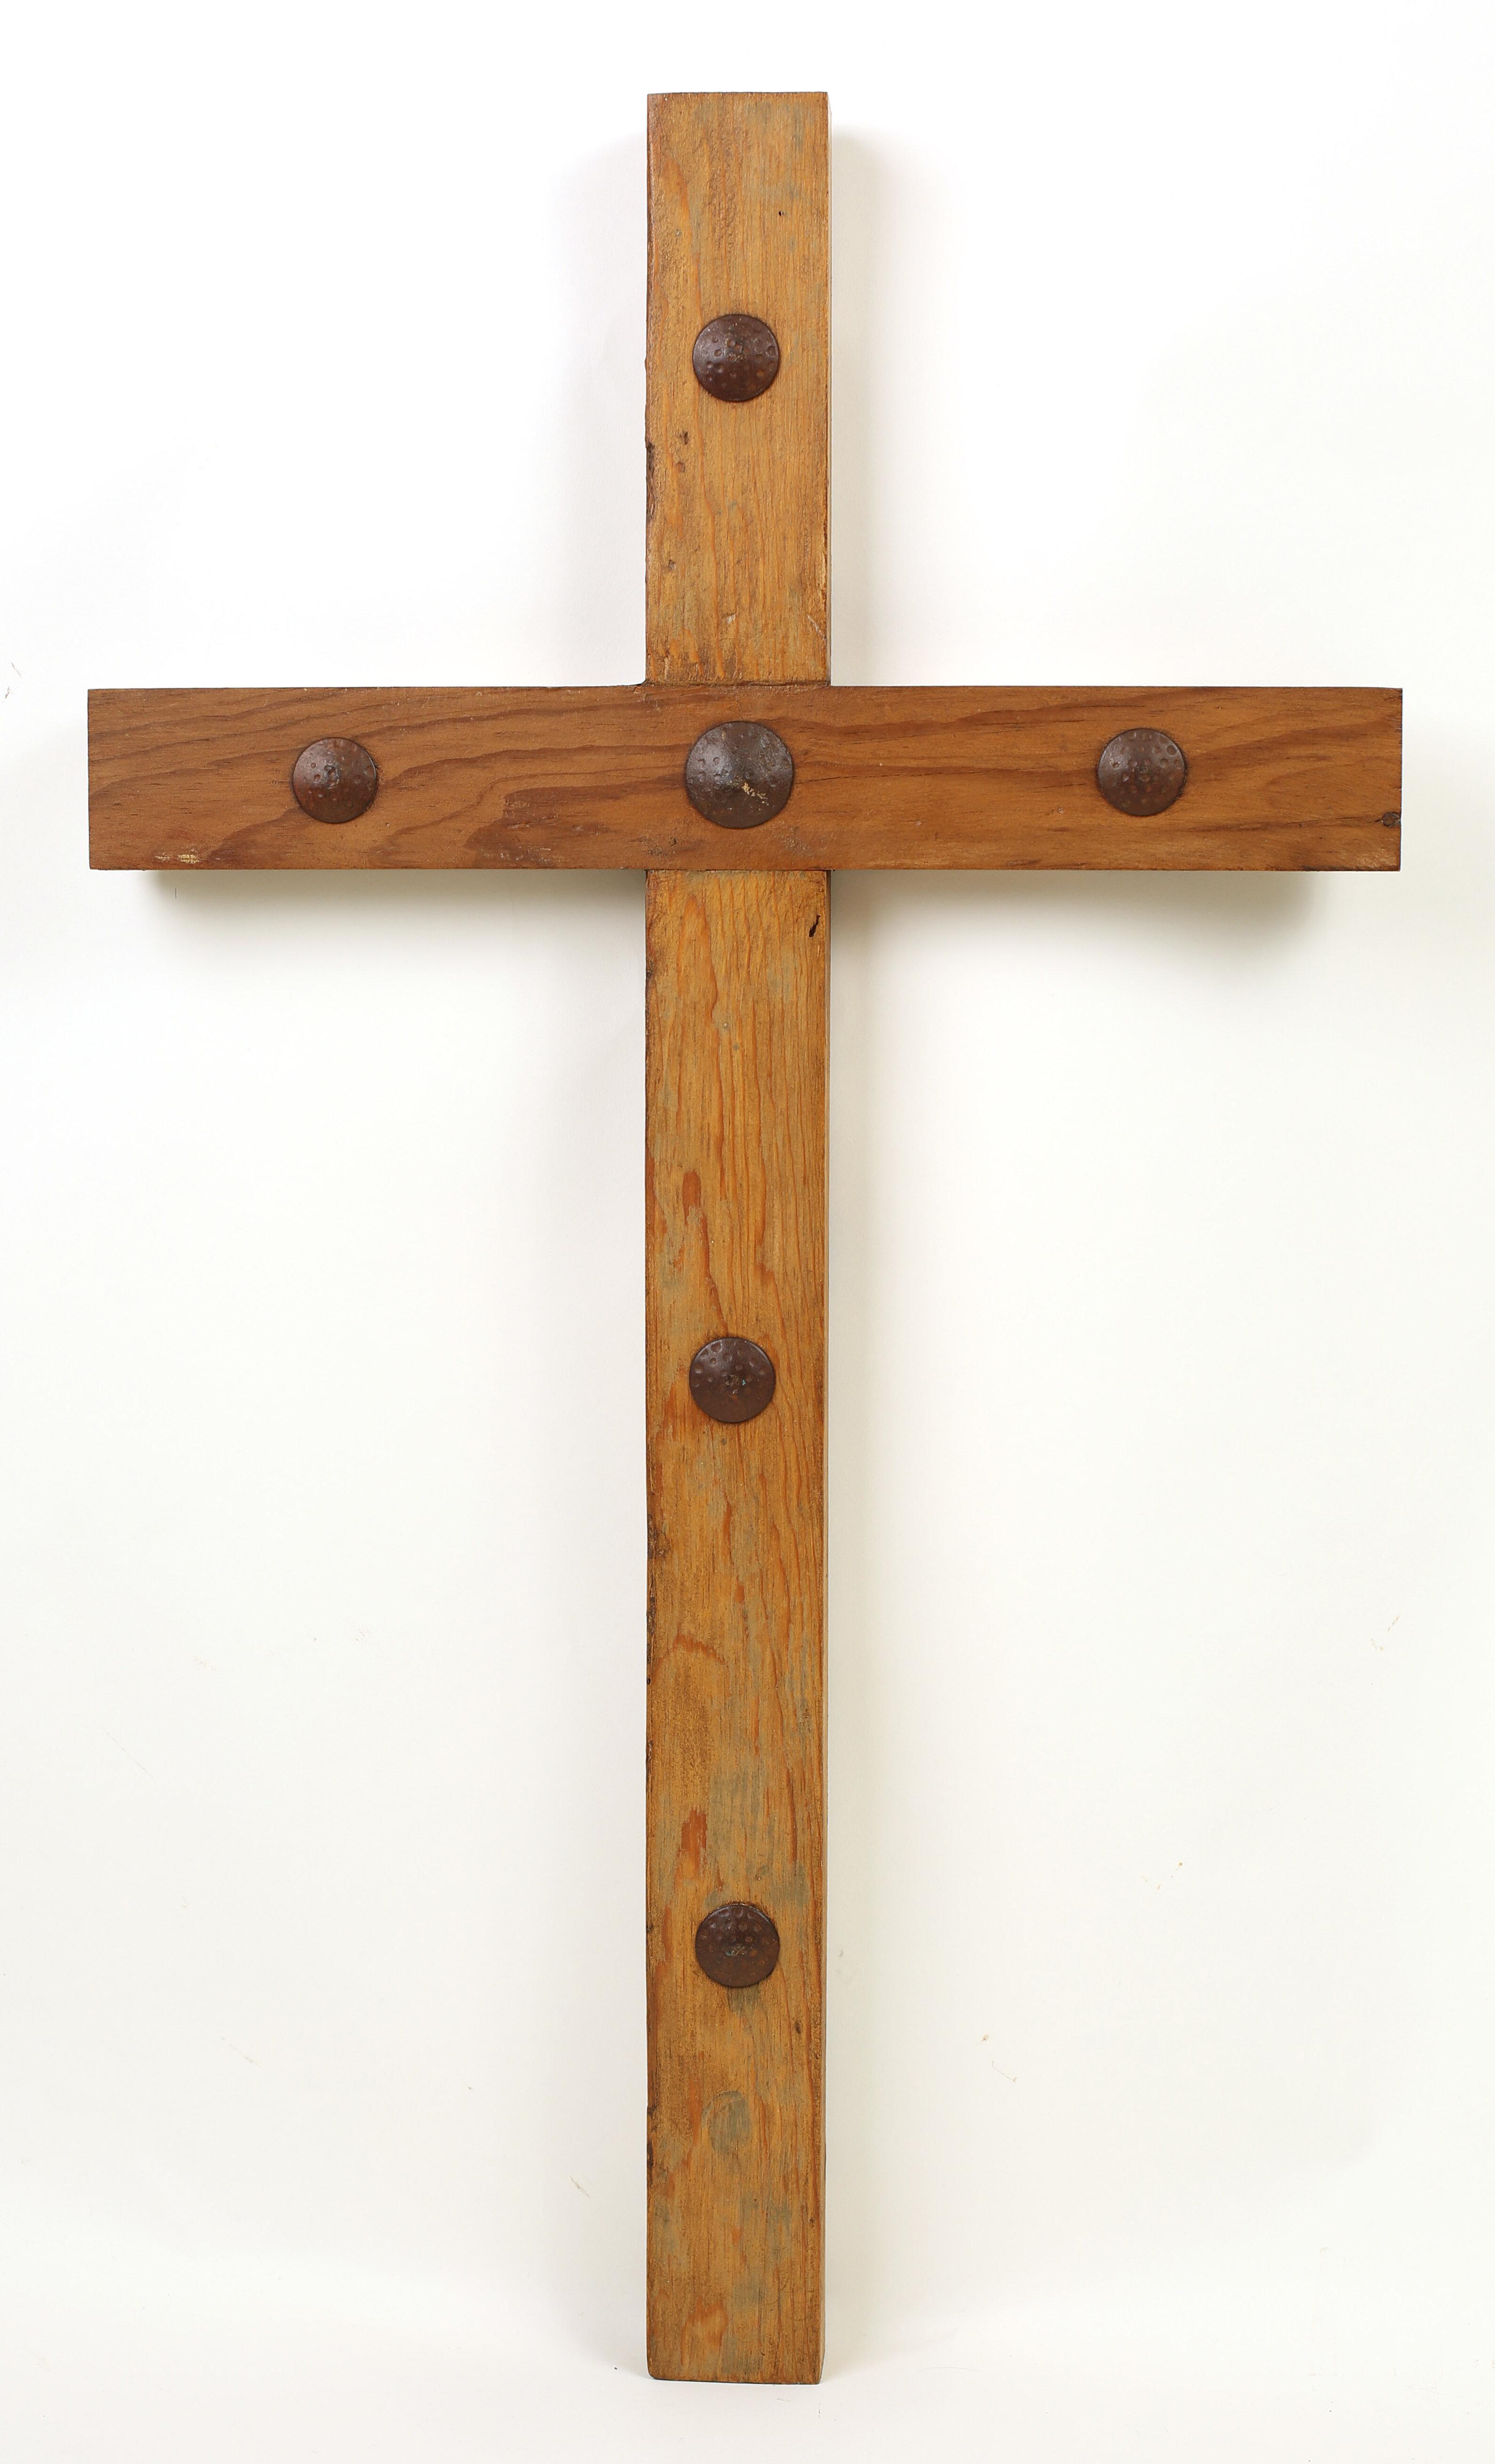 Double-sided cross door or wall hanger